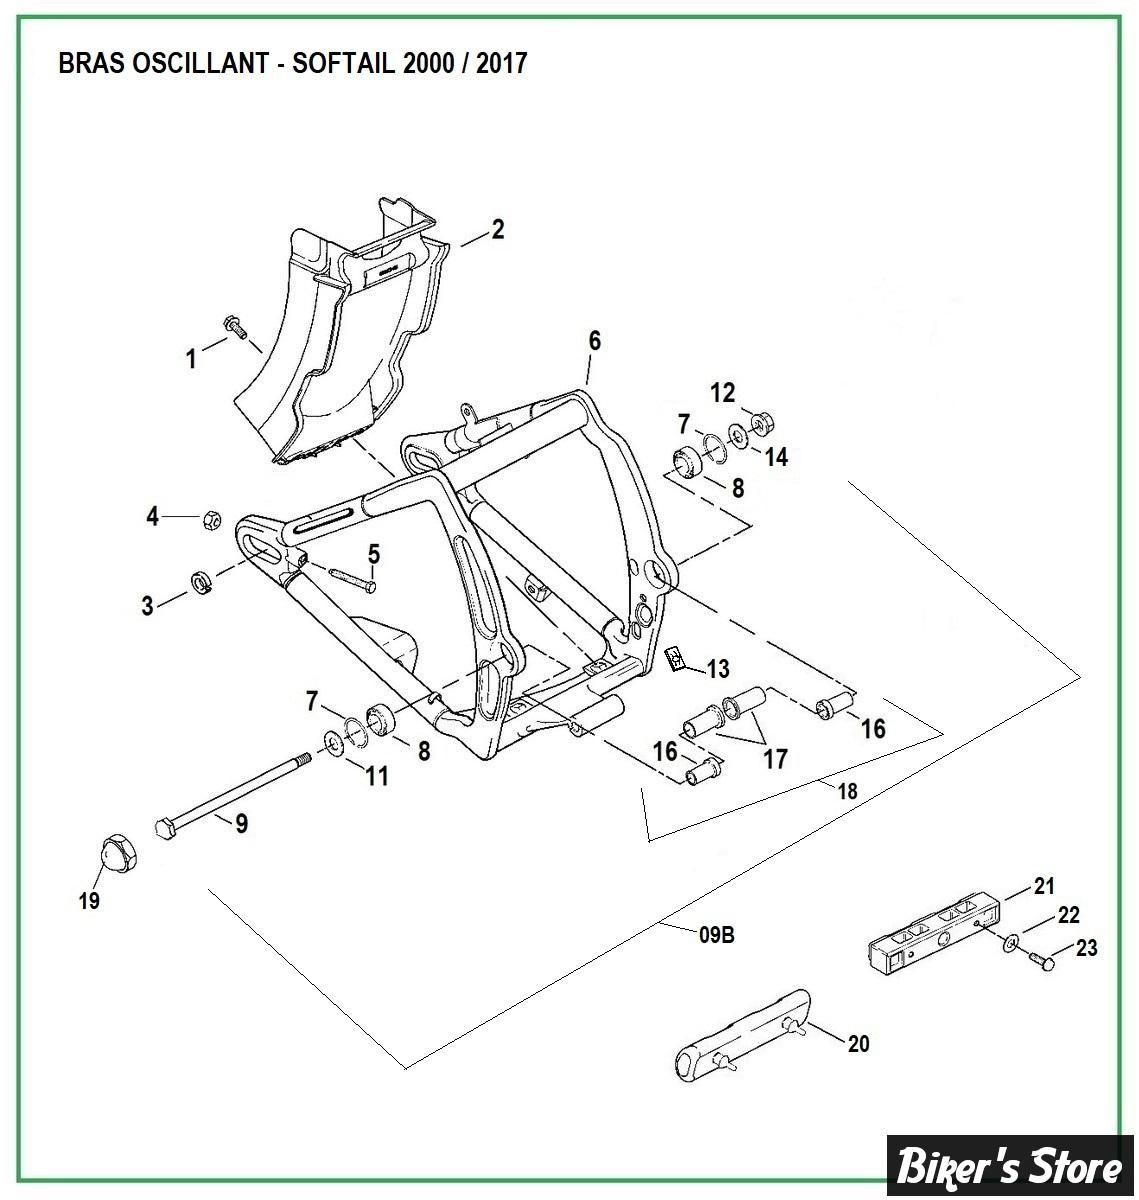 1993 Harley Softail Sissy Bar | Wiring Diagram Database on fxstd wiring diagram, rocker wiring diagram, harley wiring diagram, softail wiring diagram, fxstc wiring diagram, dyna wiring diagram, flhtk wiring diagram, ultra wiring diagram, vrscf wiring diagram, xlch wiring diagram, flstf wiring diagram, flh wiring diagram, fxstb wiring diagram, kawasaki wiring diagram, classic wiring diagram, honda wiring diagram, vrsc wiring diagram, wl wiring diagram, flhtcu wiring diagram, fld wiring diagram,